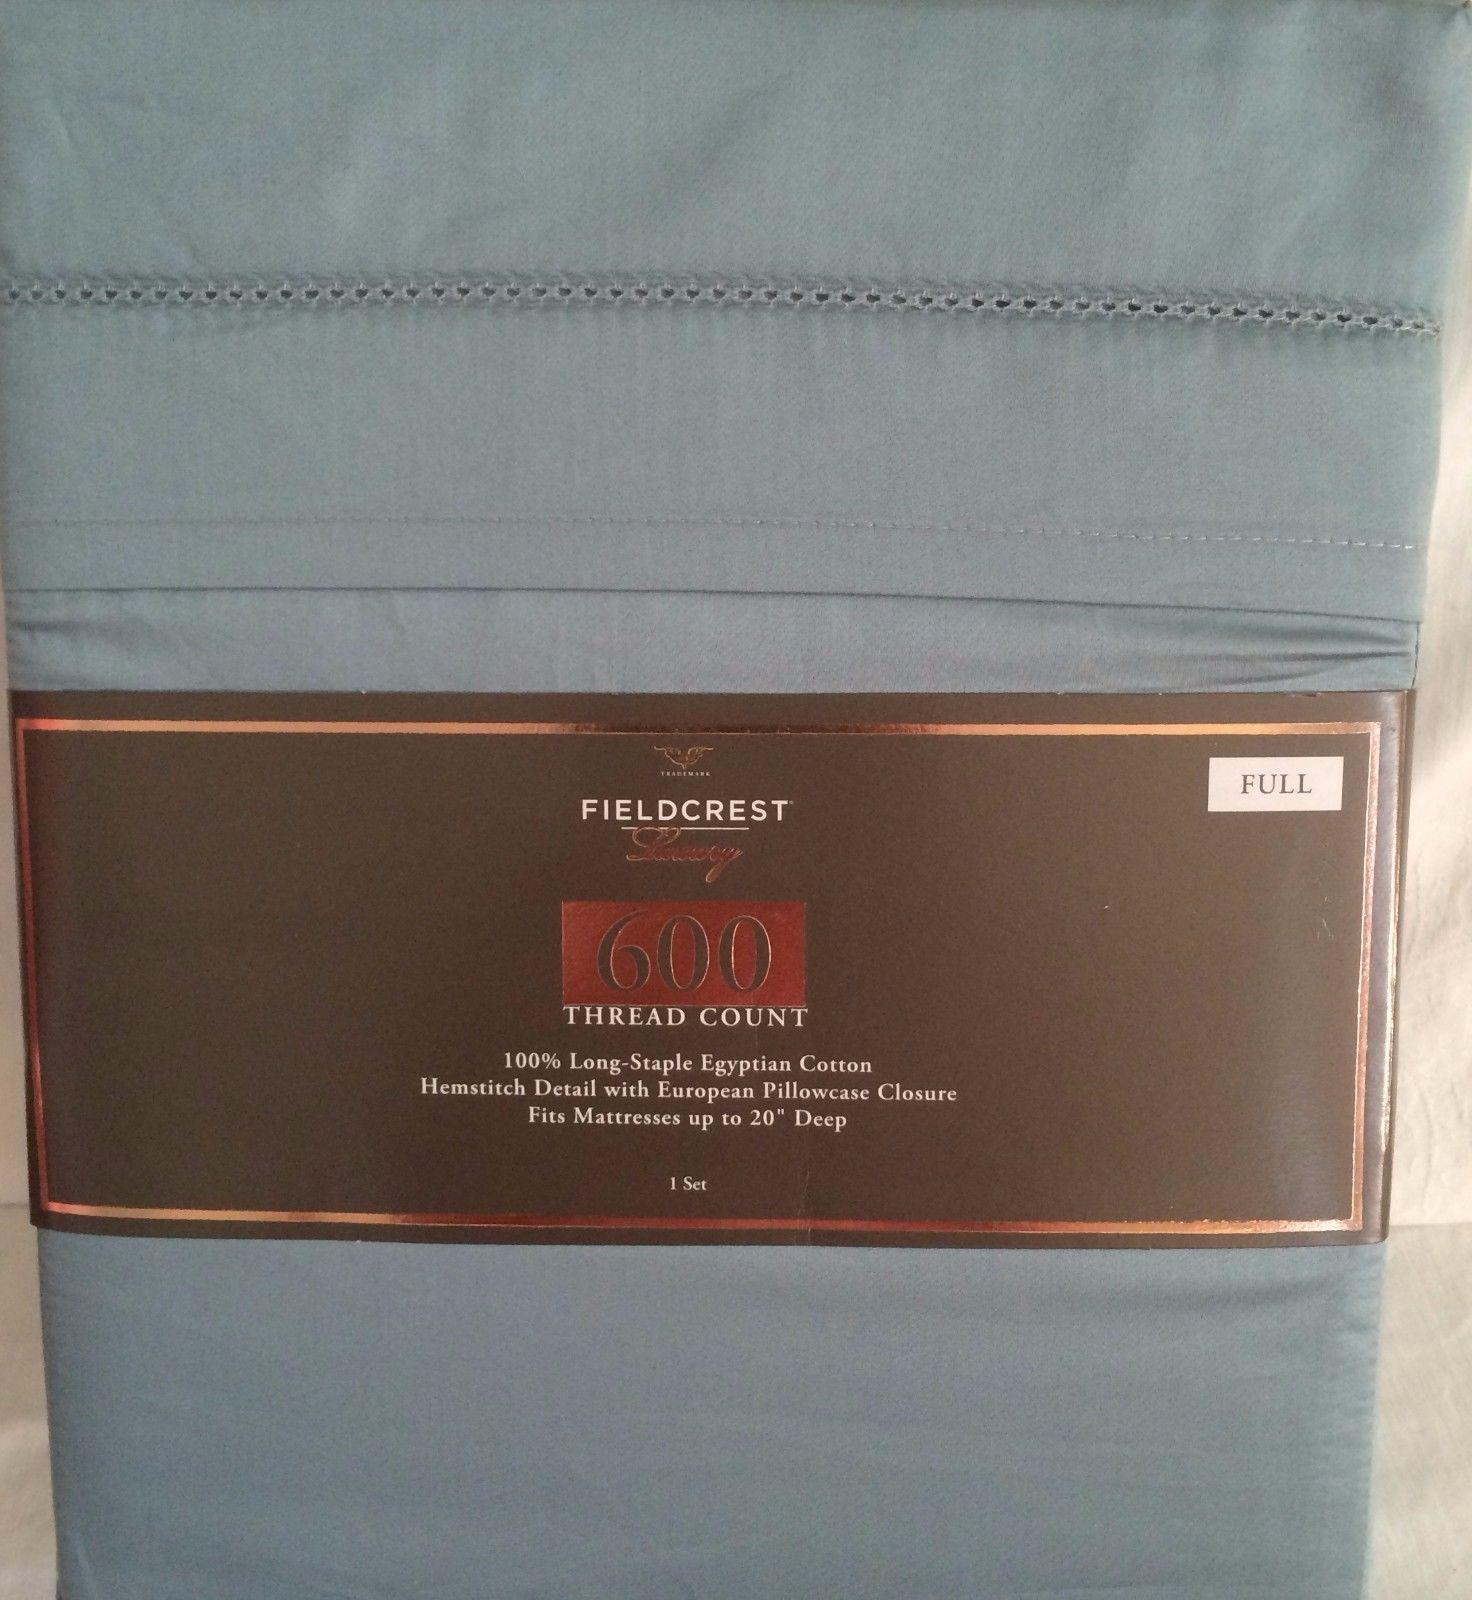 Fieldcrest Luxury Sheets | Fieldcrest Bedding Target | Target Fieldcrest Sheets